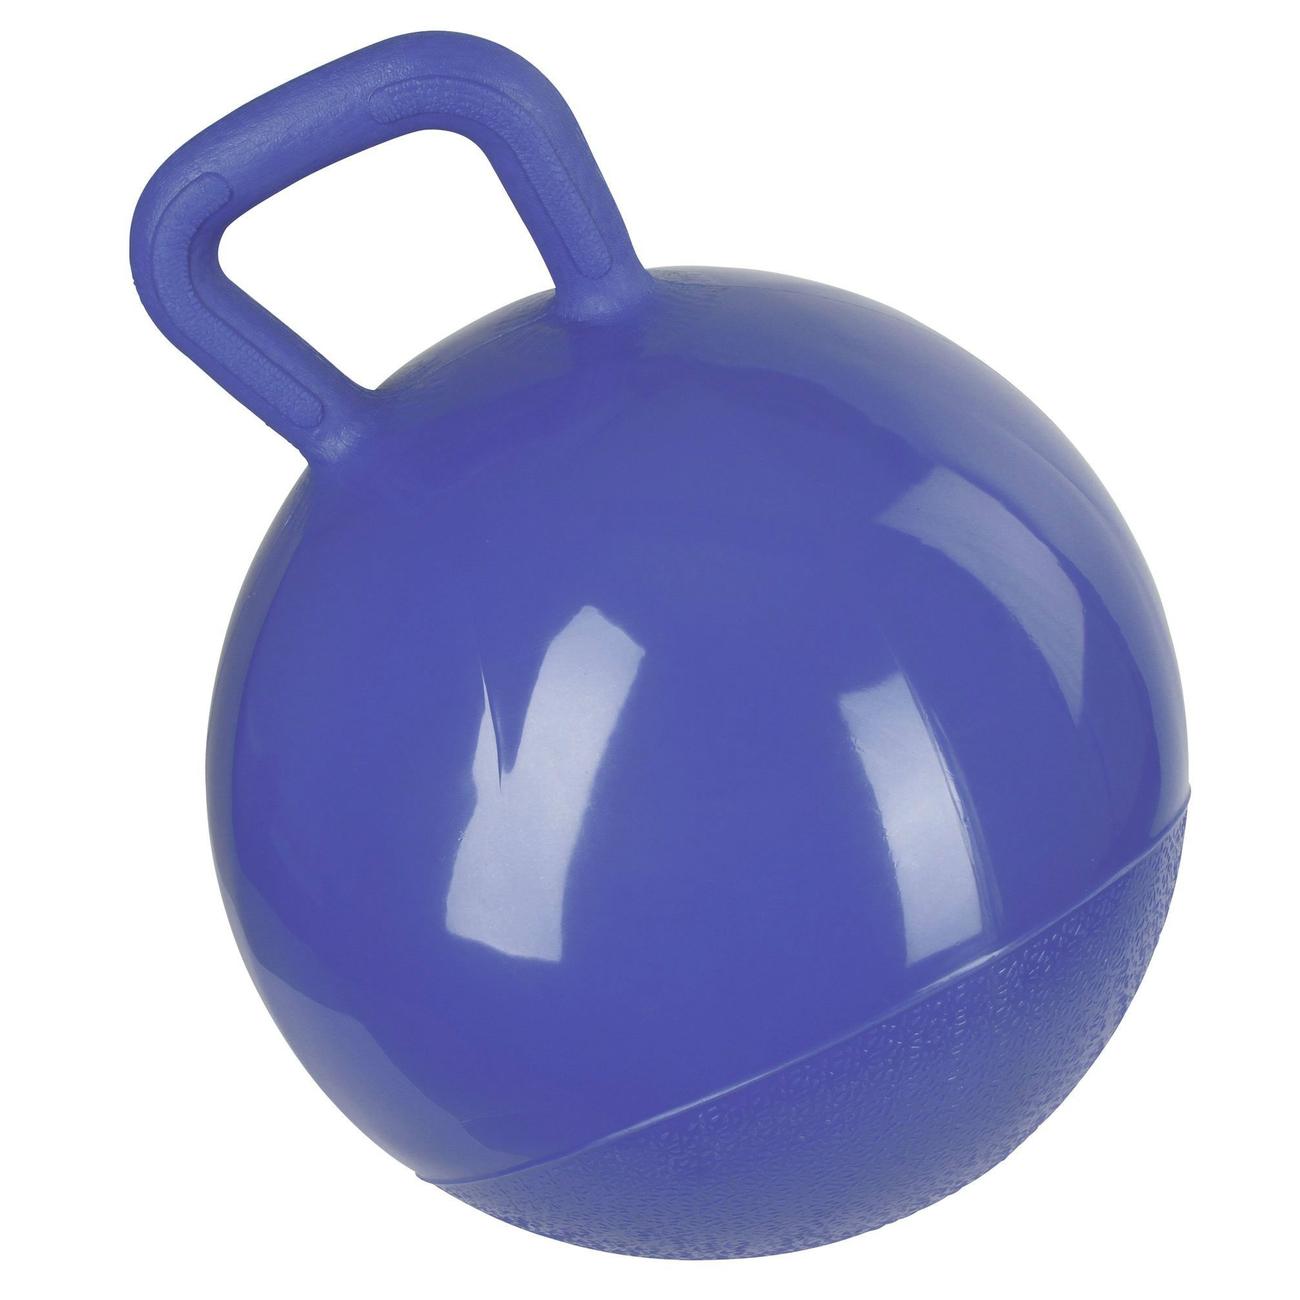 Kerbl Spielball für Pferde, blau, 25 cm